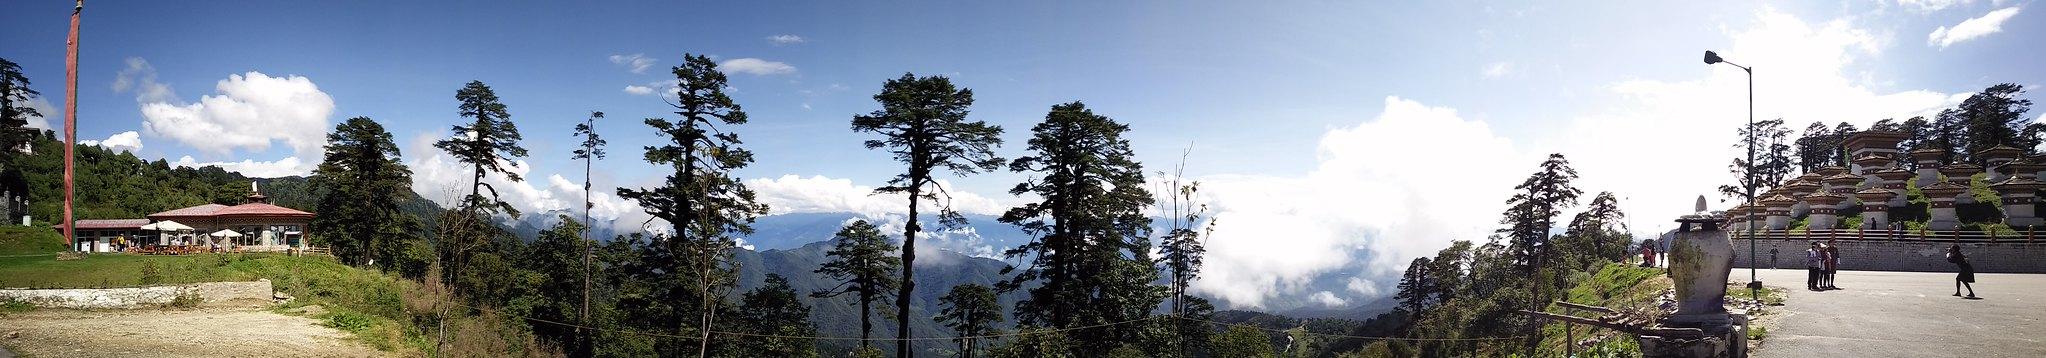 10 dieu ve bhutan trip (22)